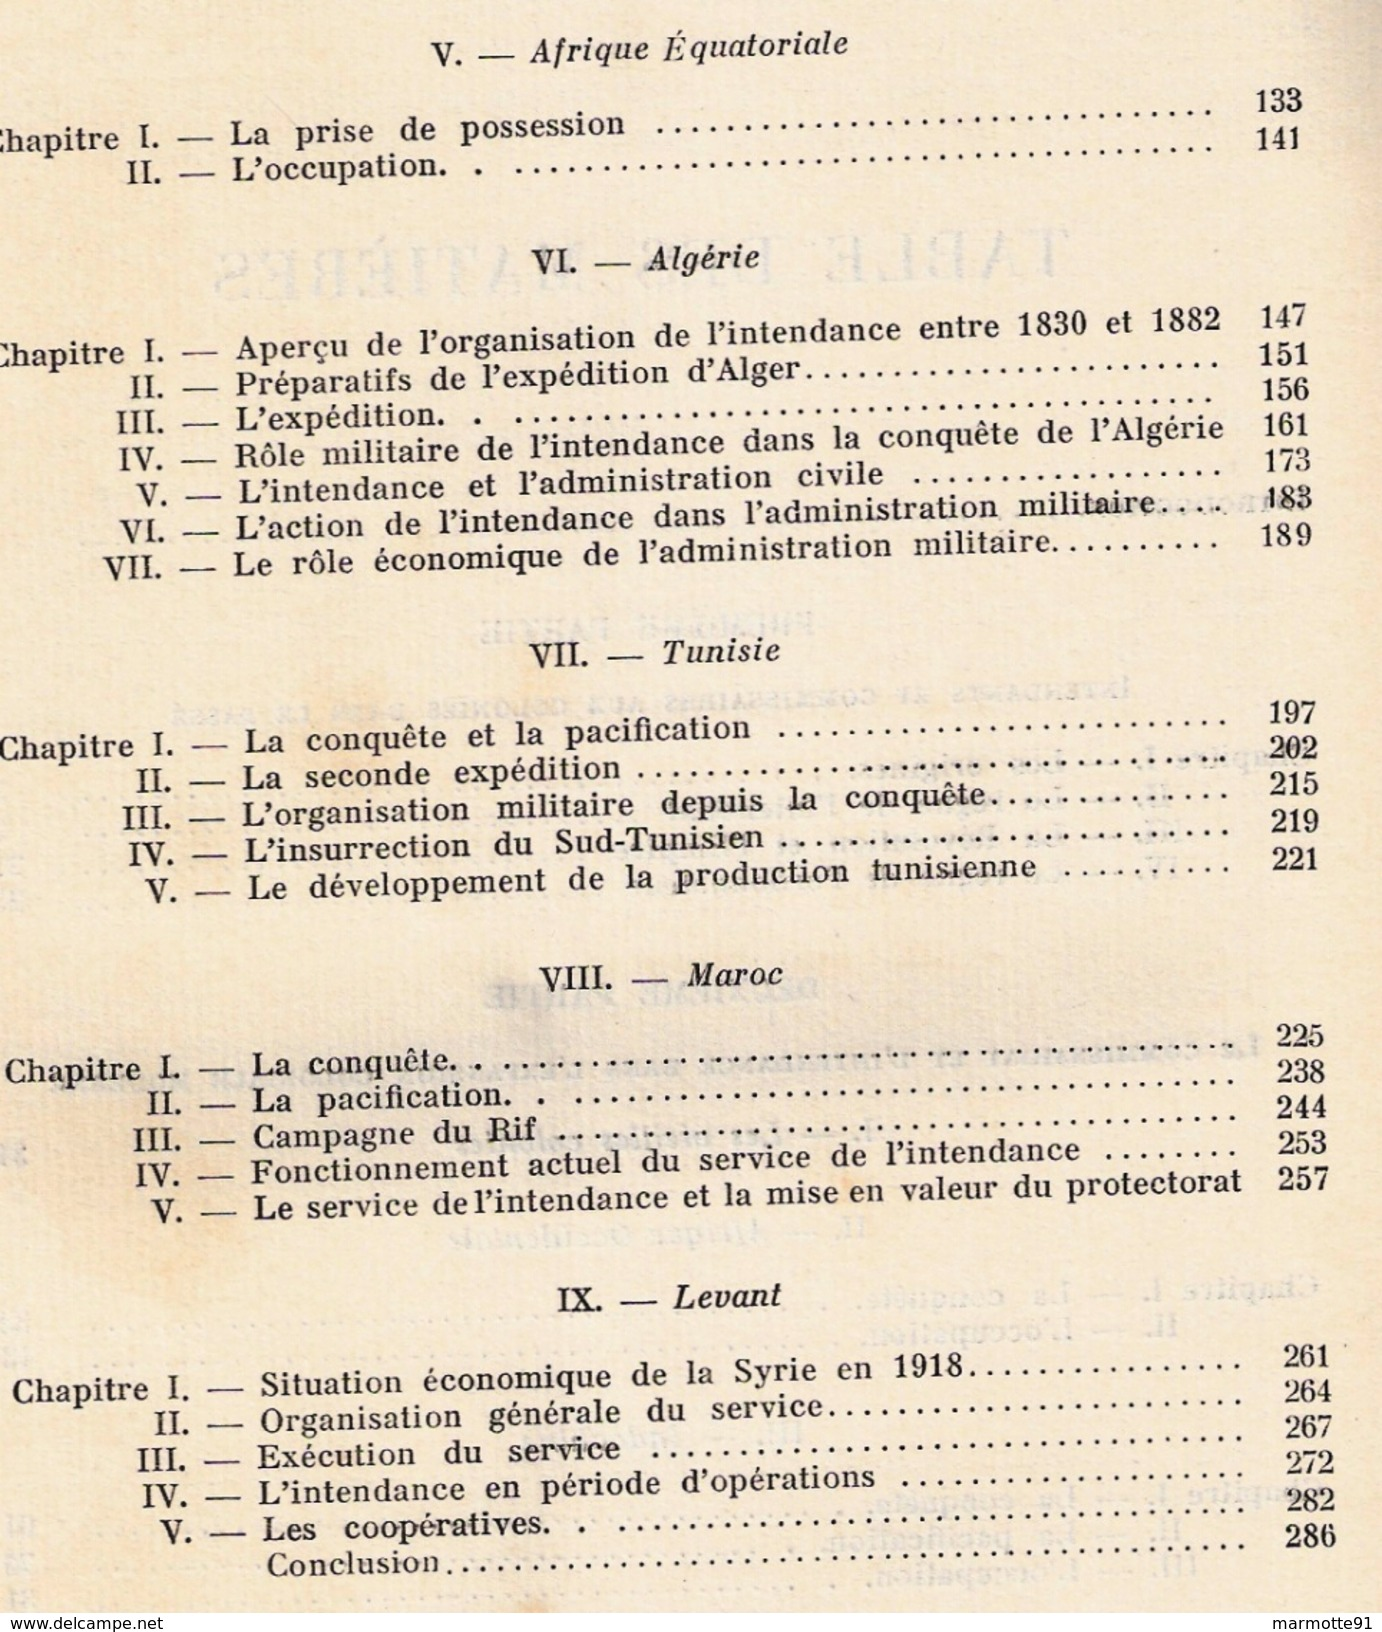 ARMEES FRANCAISES OUTRE MER EXPOSITION PARIS 1931 SERVICE INTENDANCE COLONIES ALGERIE AFRIQUE TUNISIE INDOCHINE LEVANT - Livres